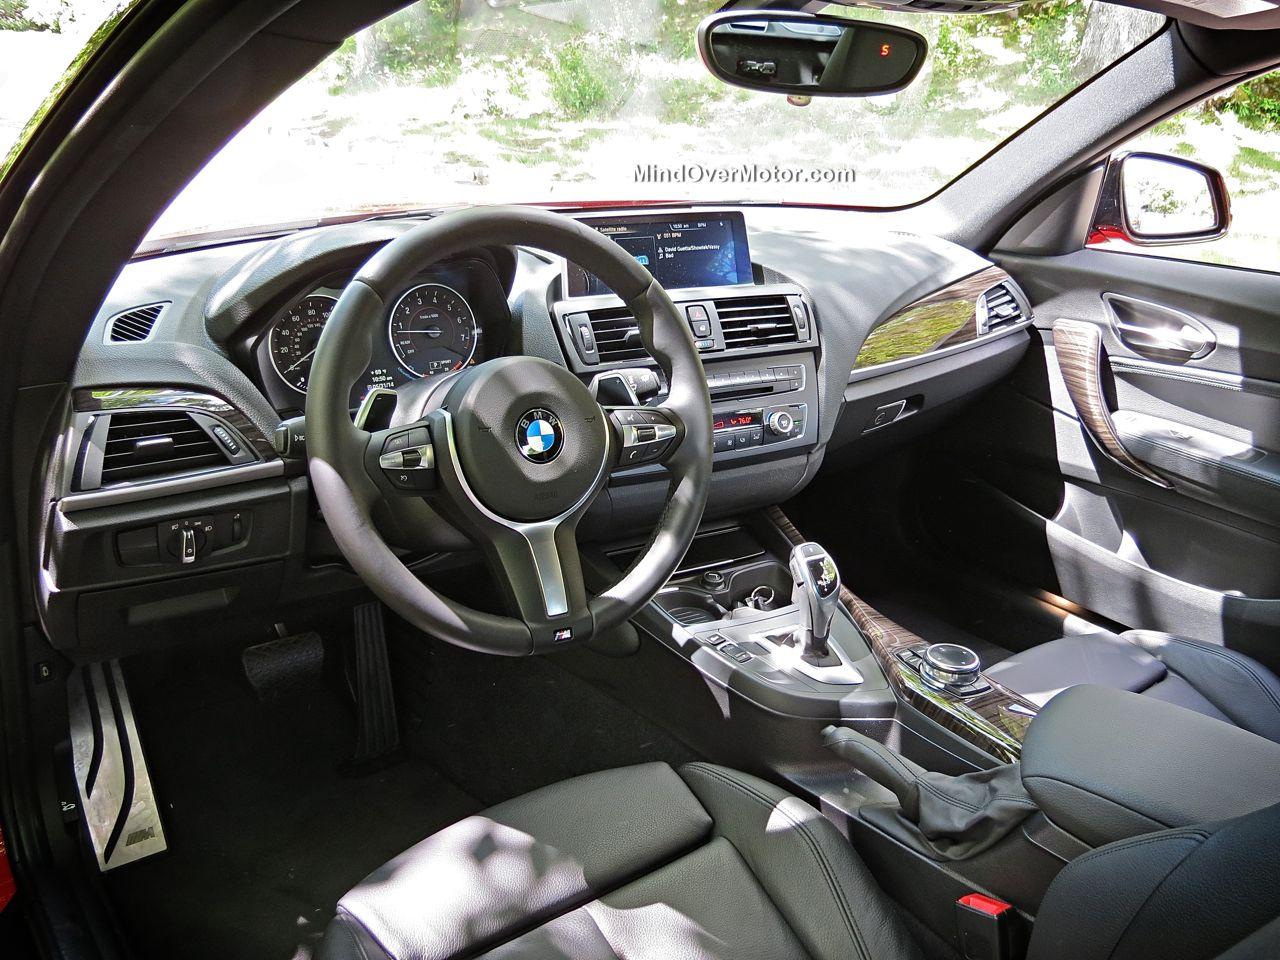 2015 BMW M235i Reviewed 1010  Mind Over Motor